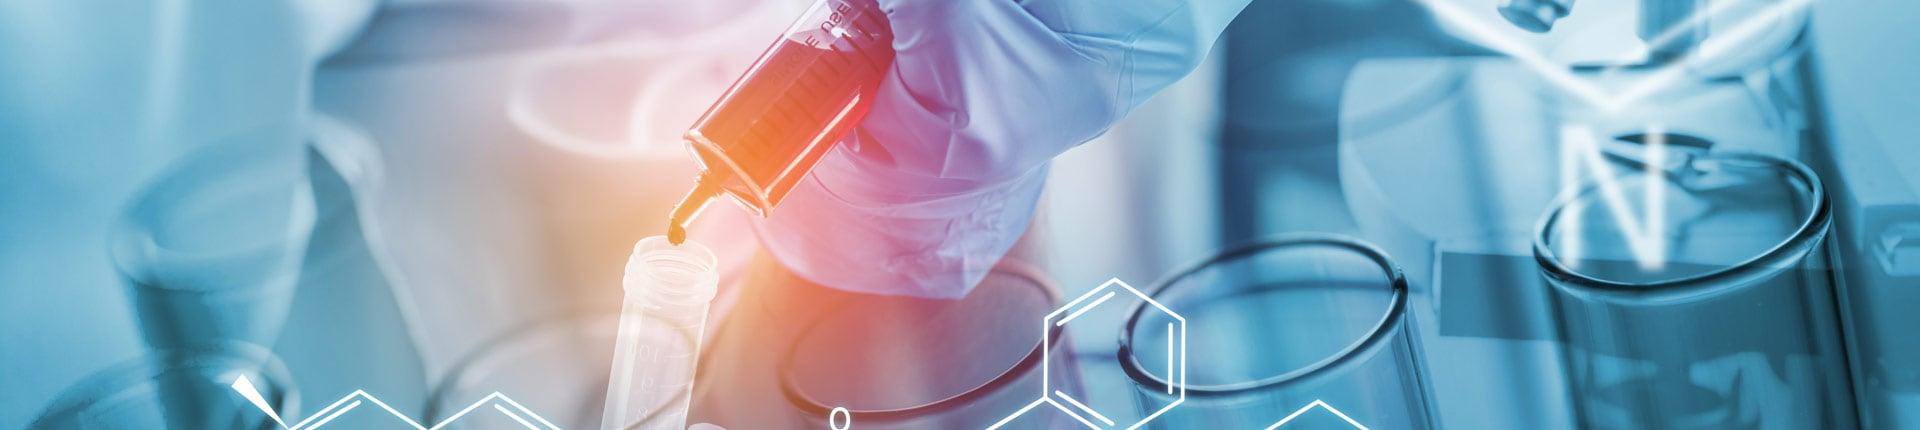 Białko serwatkowe przeciwdziała miażdżycy?